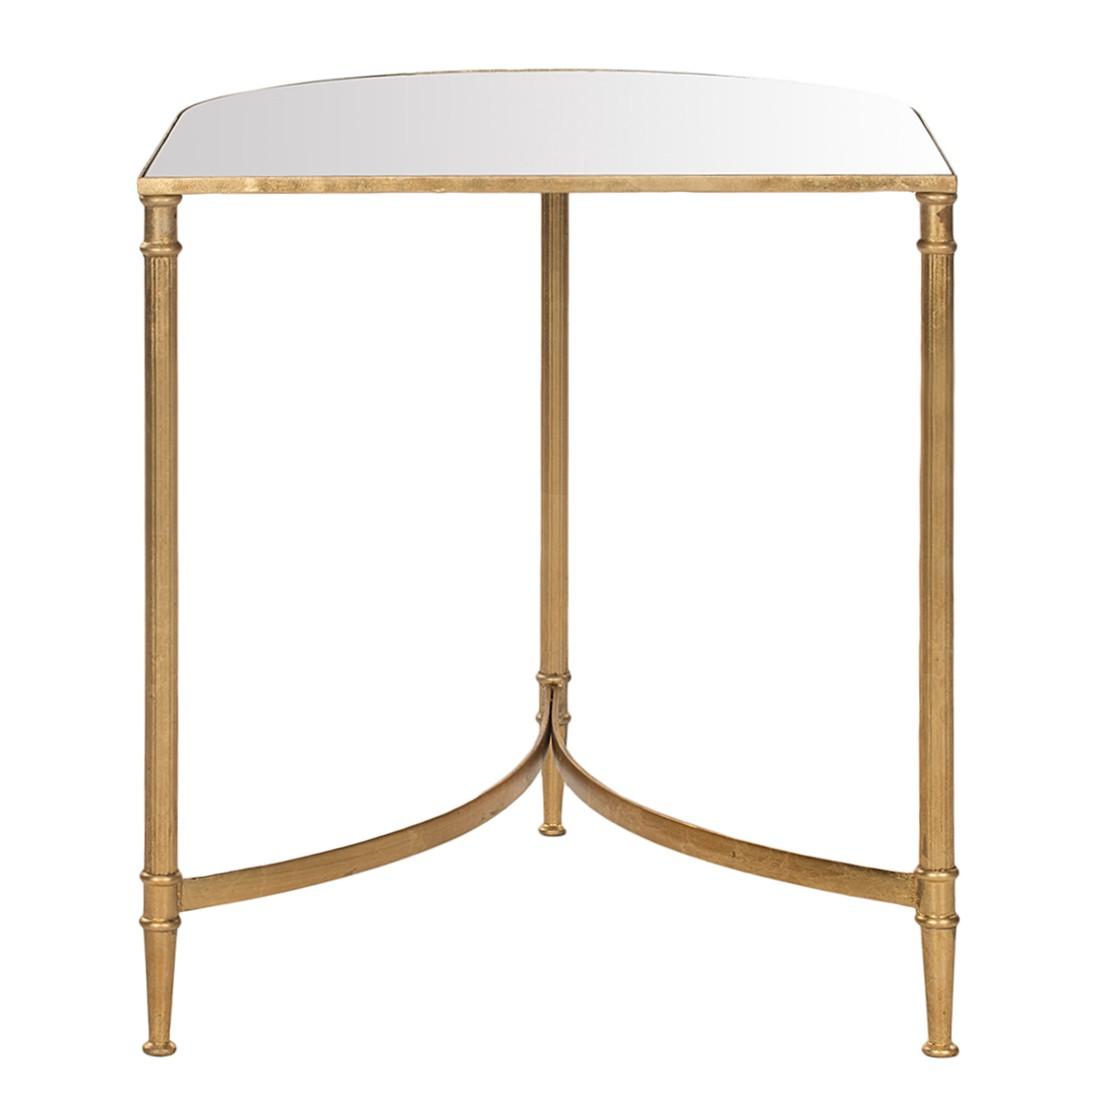 Table d'appoint Nevin - Fer doré / Miroir en verre, Safavieh